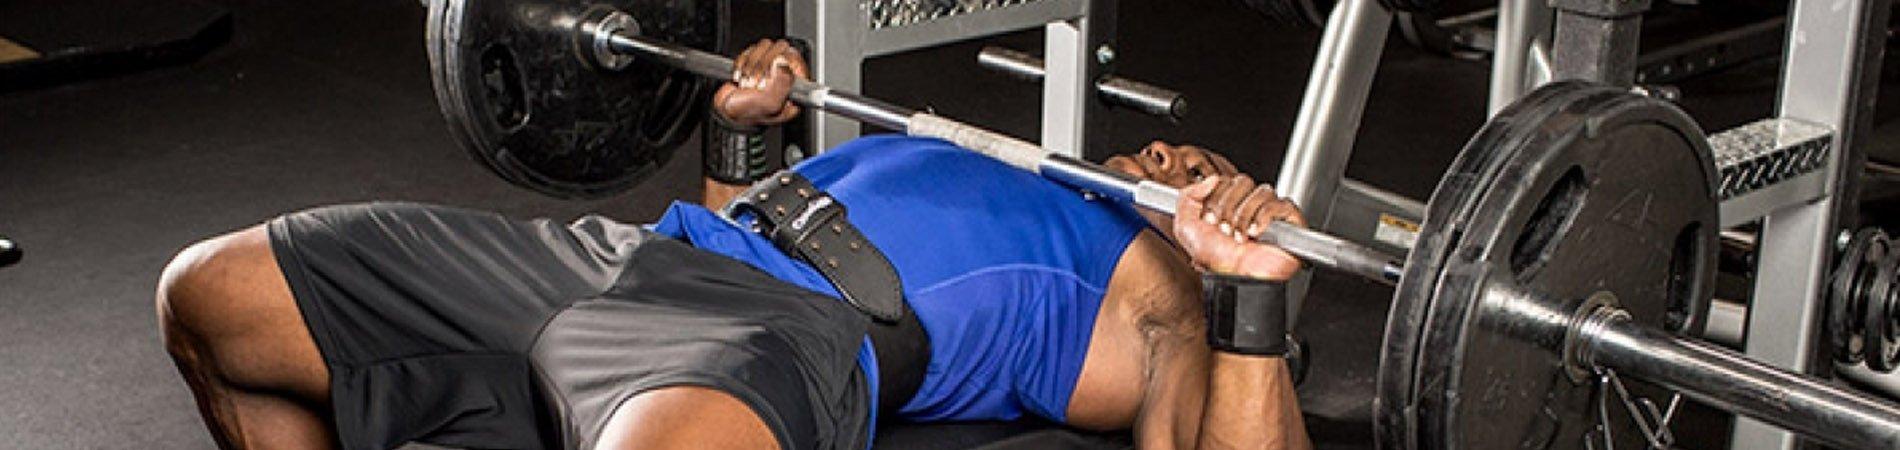 ▷ ▷  Productos para aumentar masa muscular | Compra online